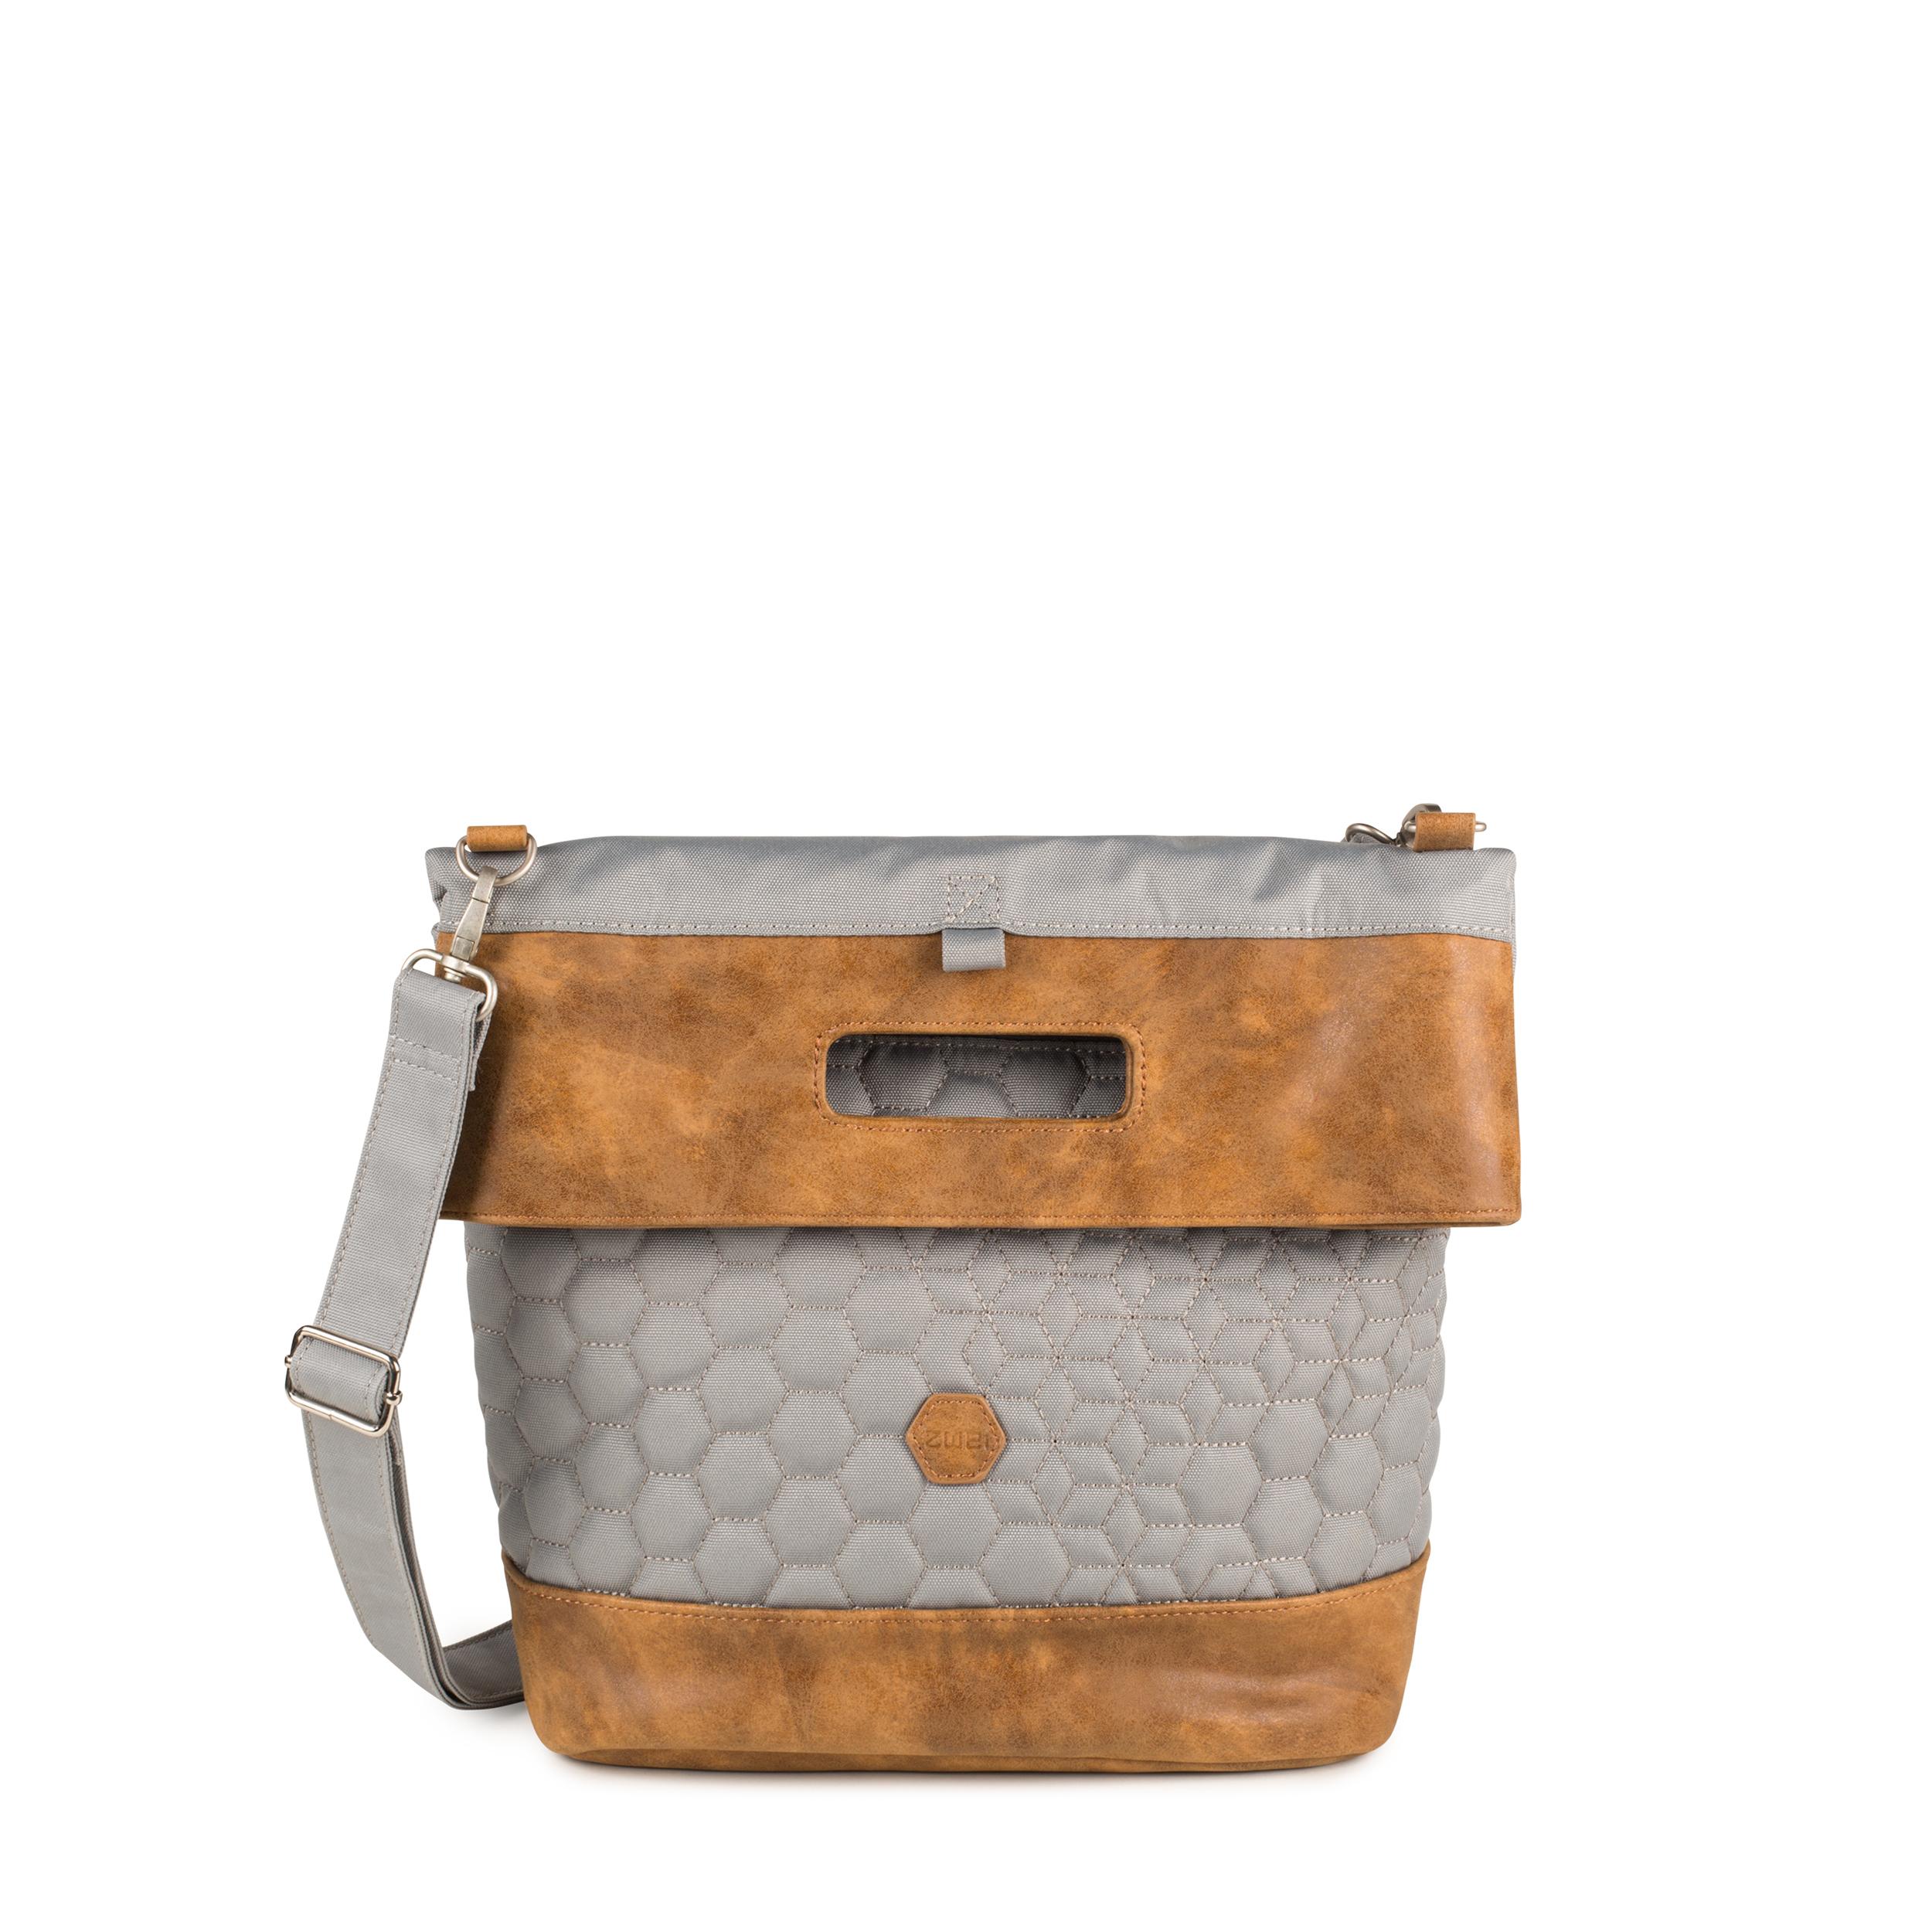 c82b6c3f6c3d68 ZWEI Taschen Rucksack FERDI FE16-z Damen Tasche mit Innentäschchen  Nylon-Kunstleder